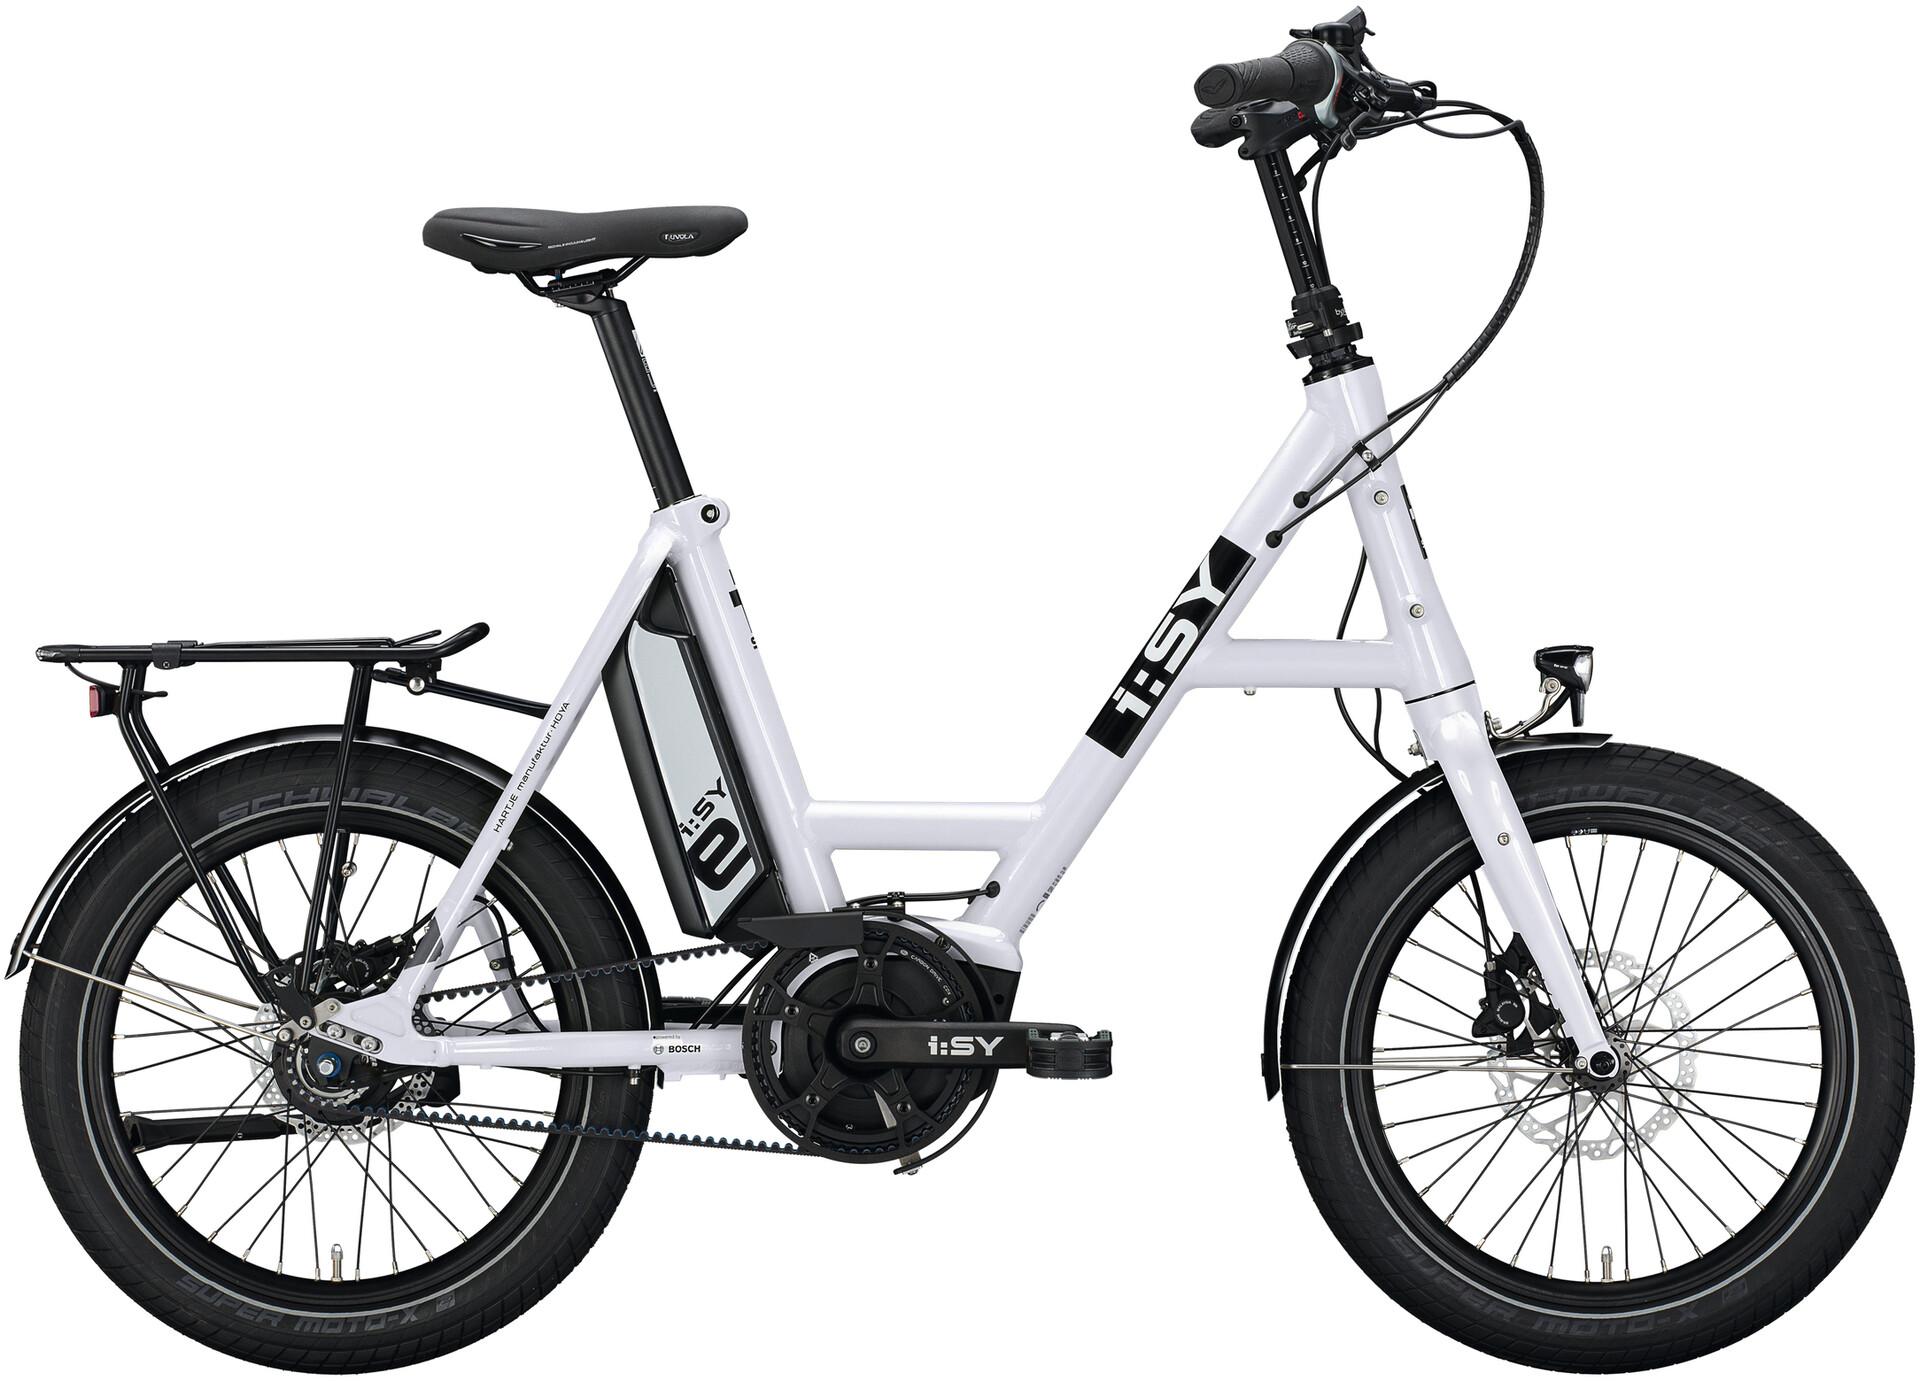 i:SY DrivE S8 20 chrystal white | Gode tilbud hos bikester.no